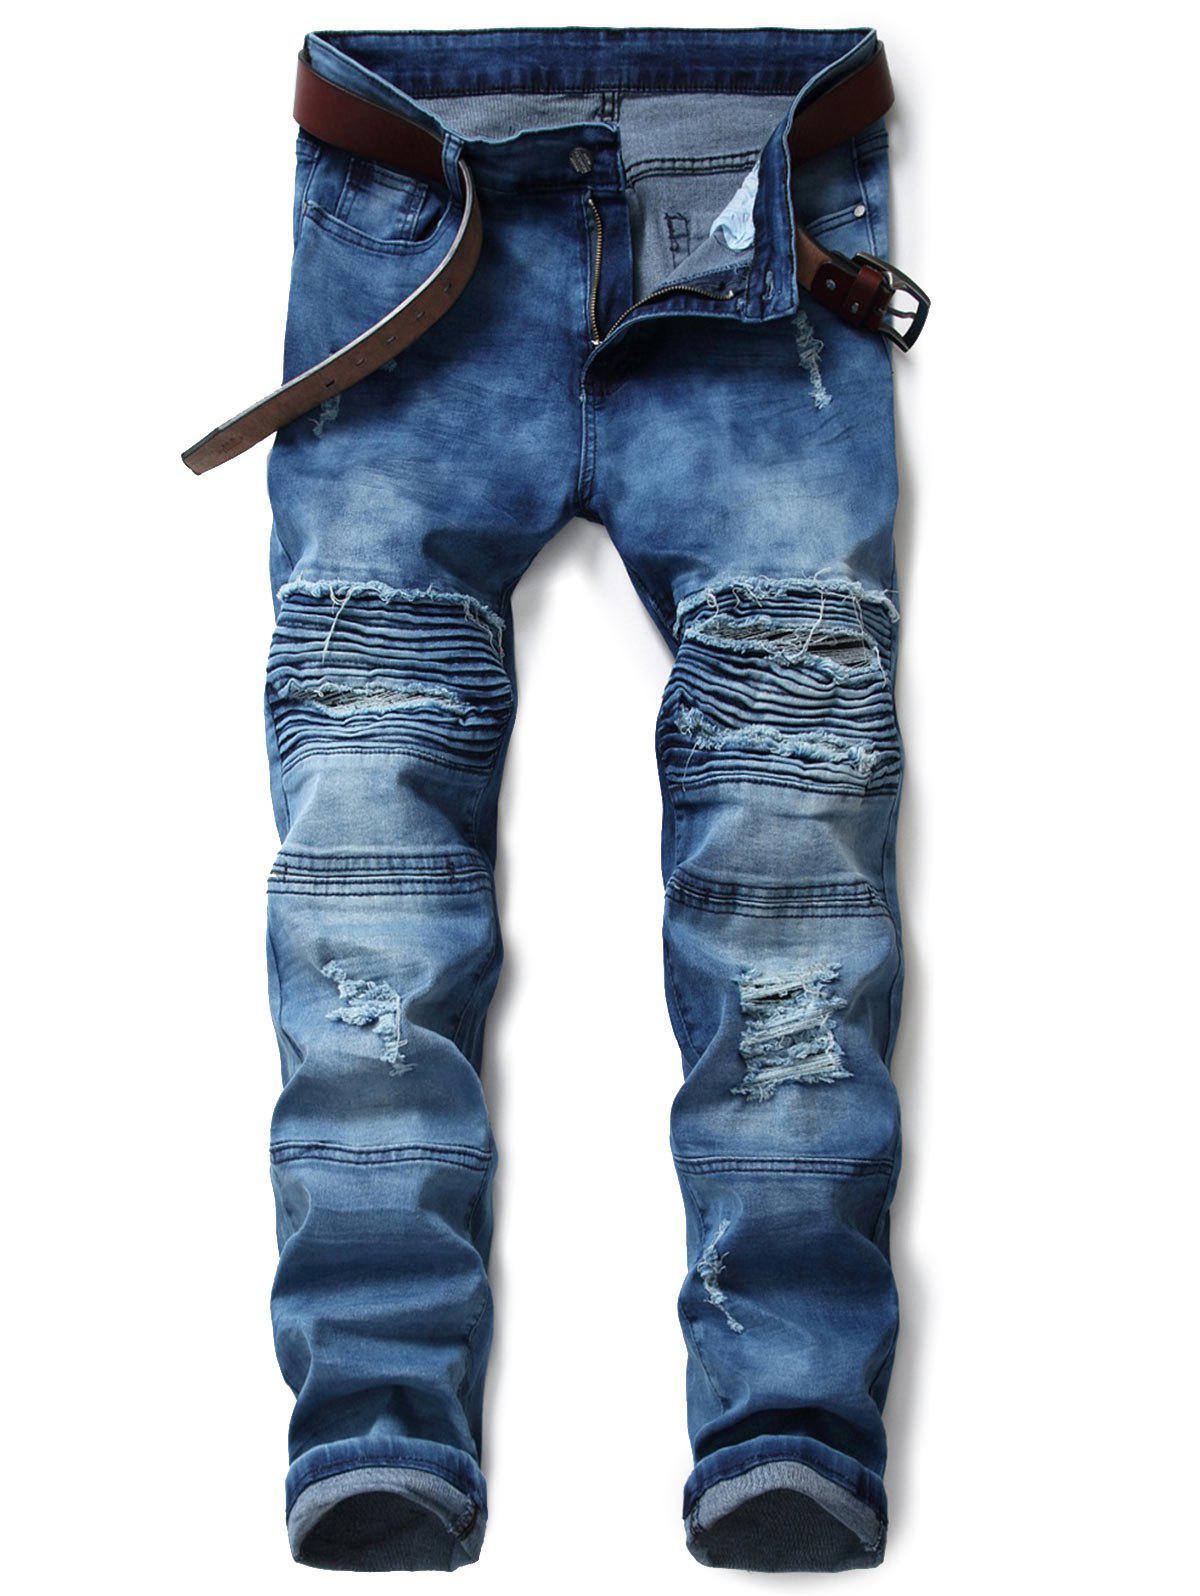 Zip Fly Tie Dye Distressed Biker Jeans 236004401